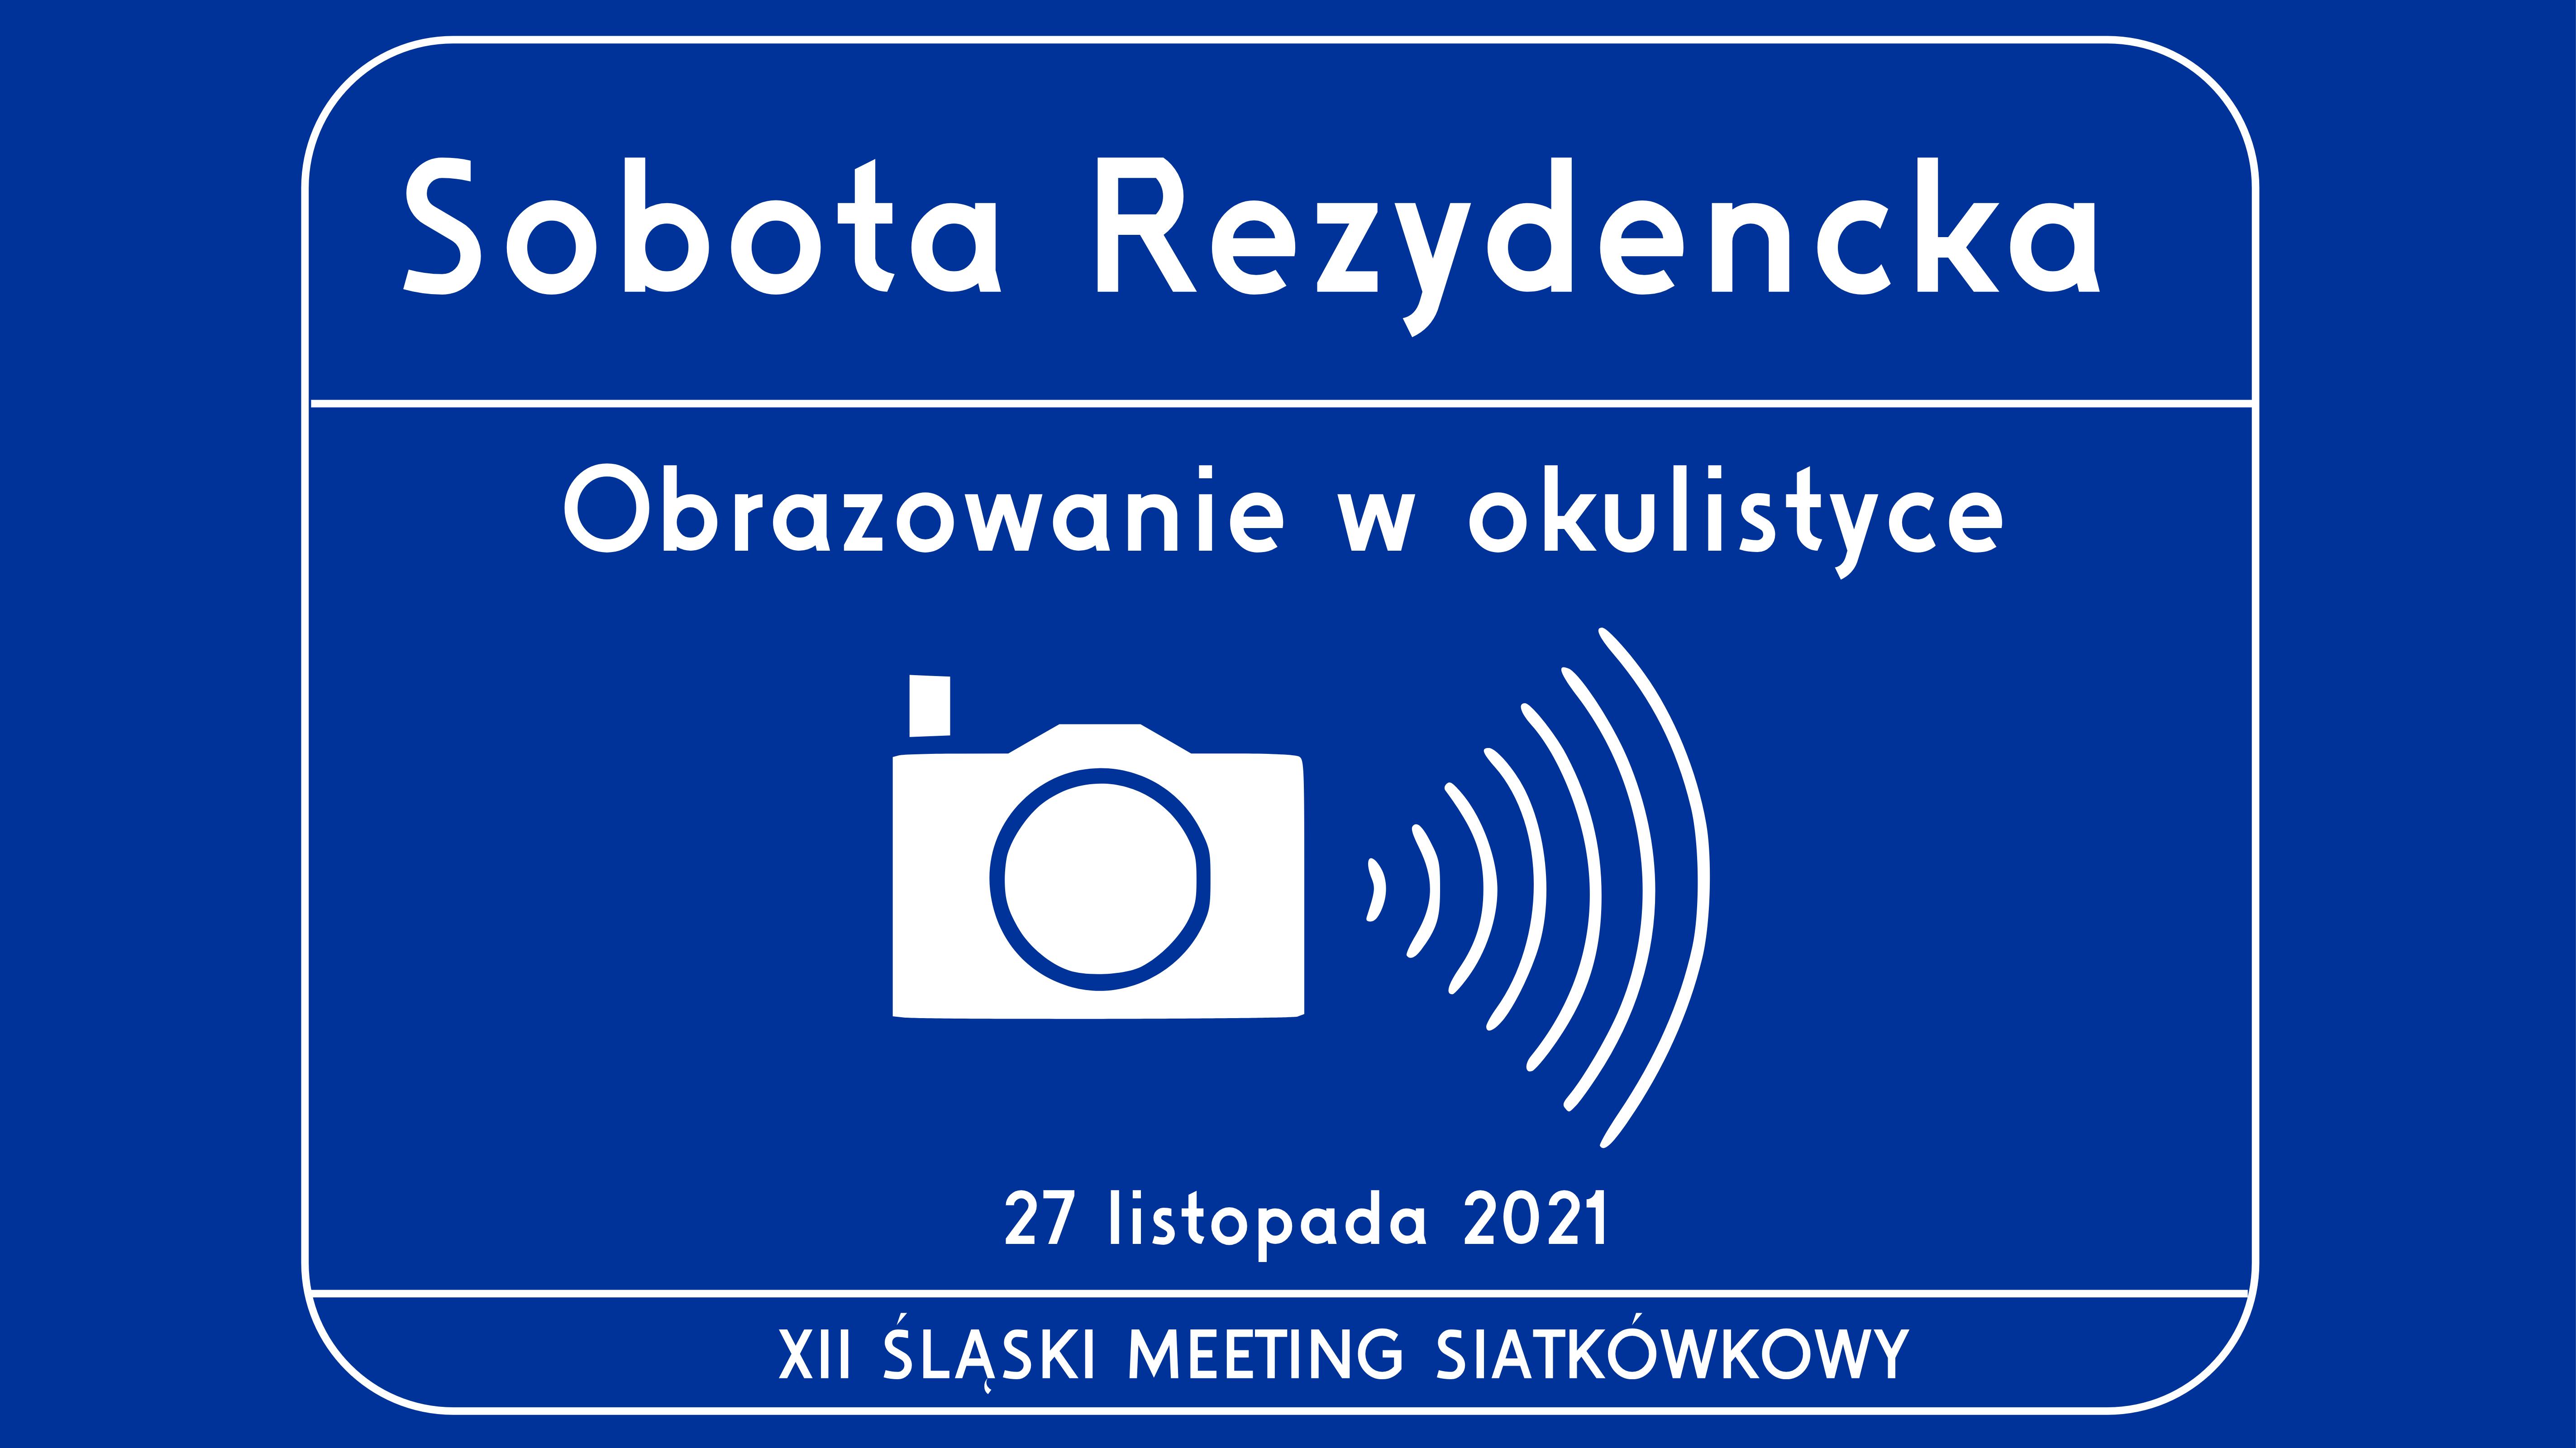 Sobota Rezydencka - Obrazowanie w okulistyce [XII SMS]